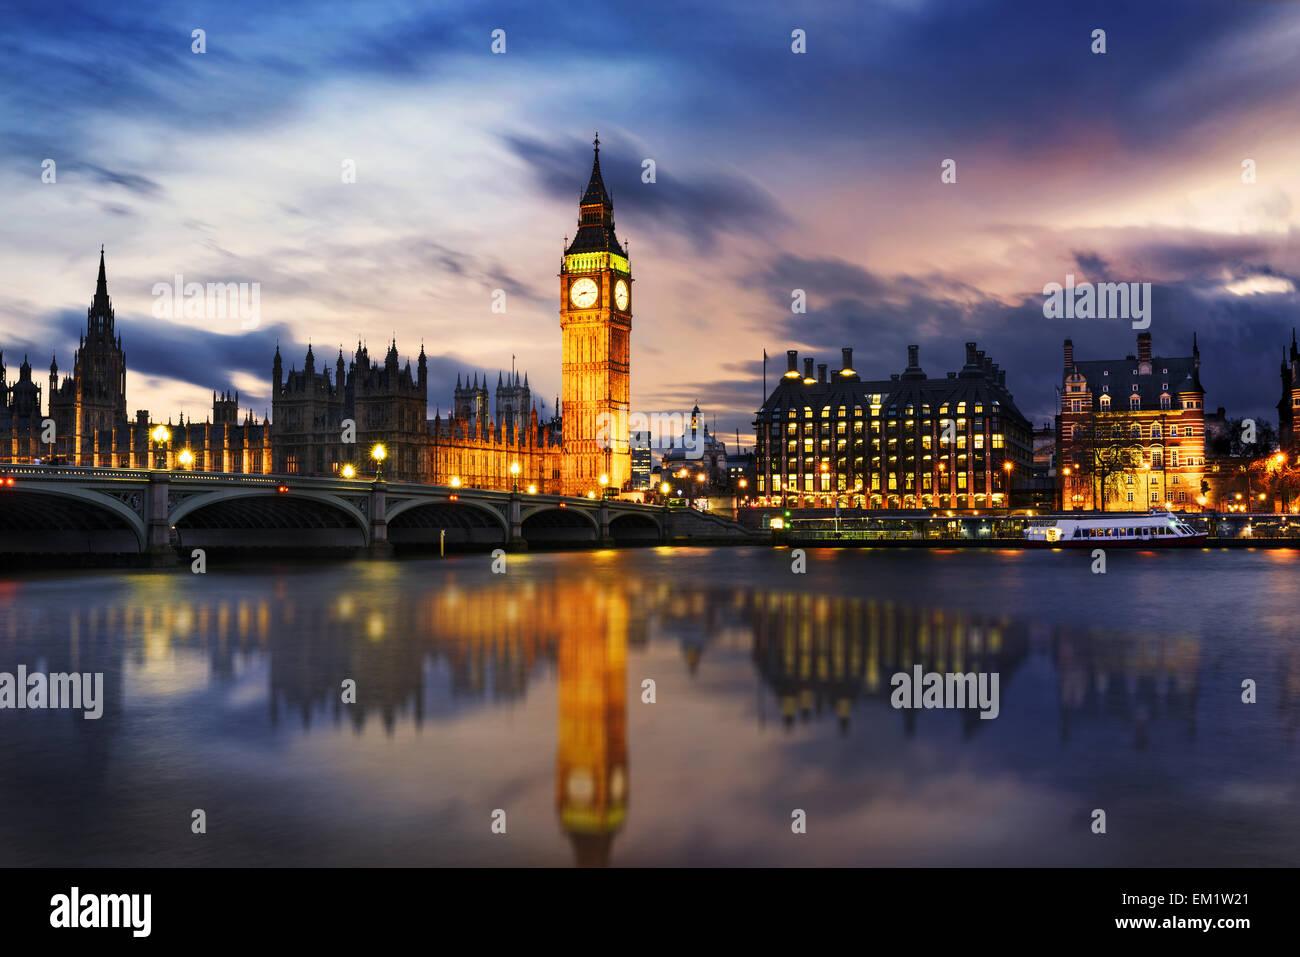 Il Big Ben e le case del parlamento al crepuscolo, London, Regno Unito Immagini Stock